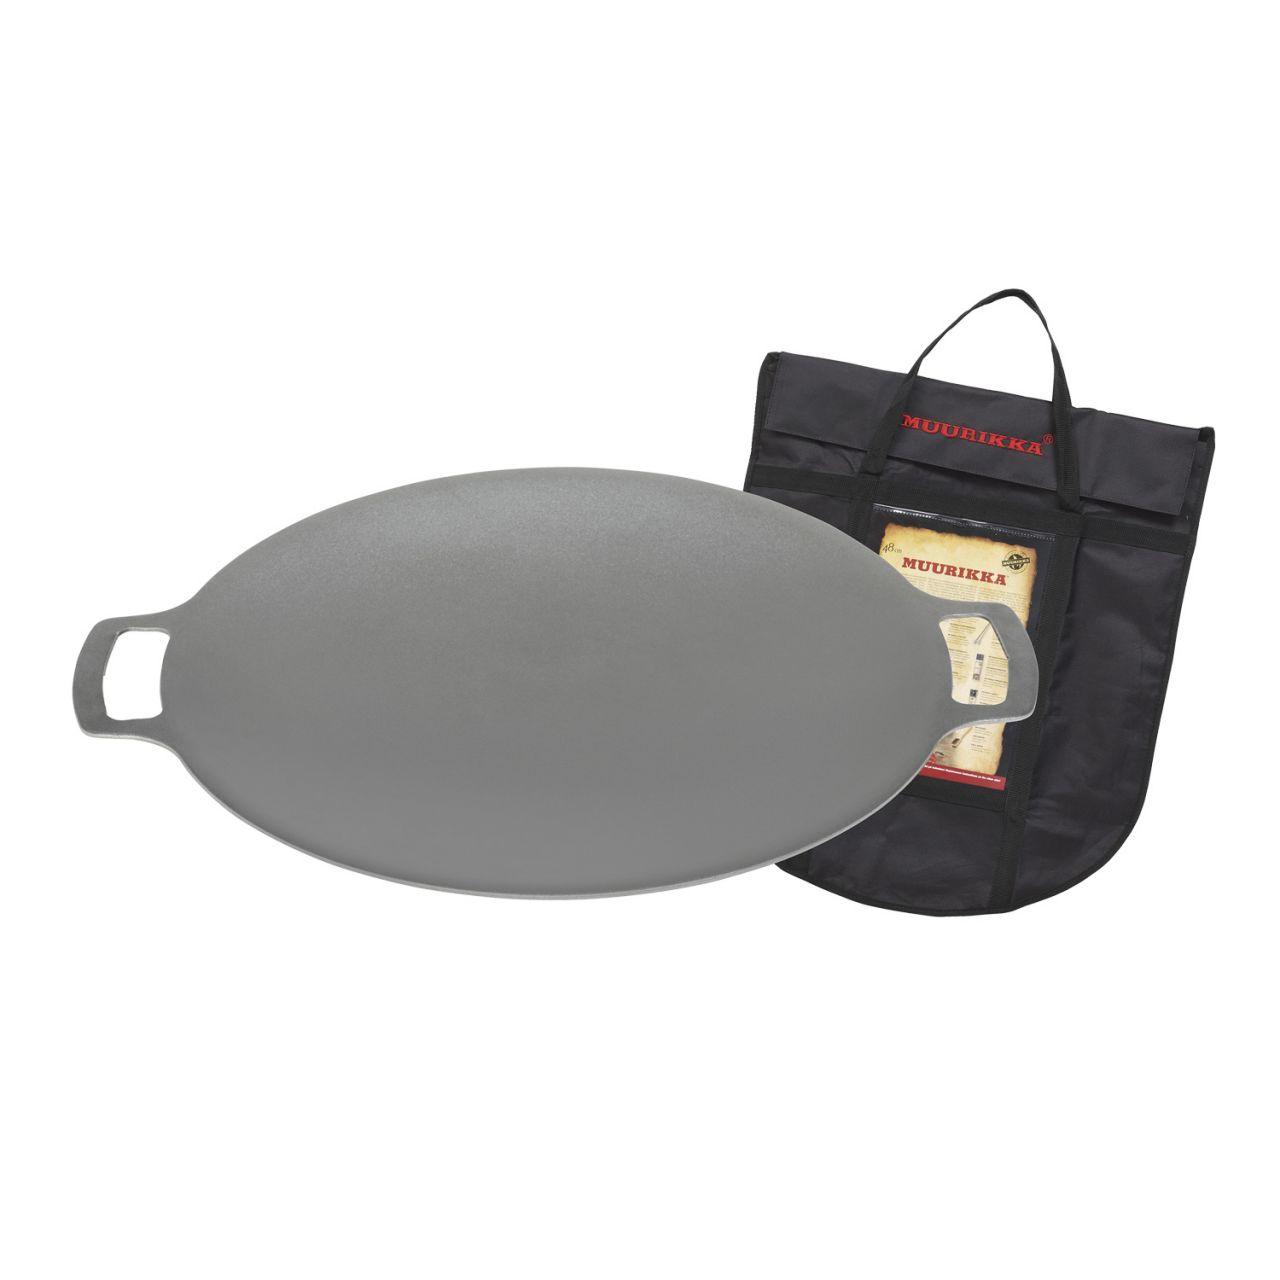 Muurikka Grillpfanne 48 cm 54010040